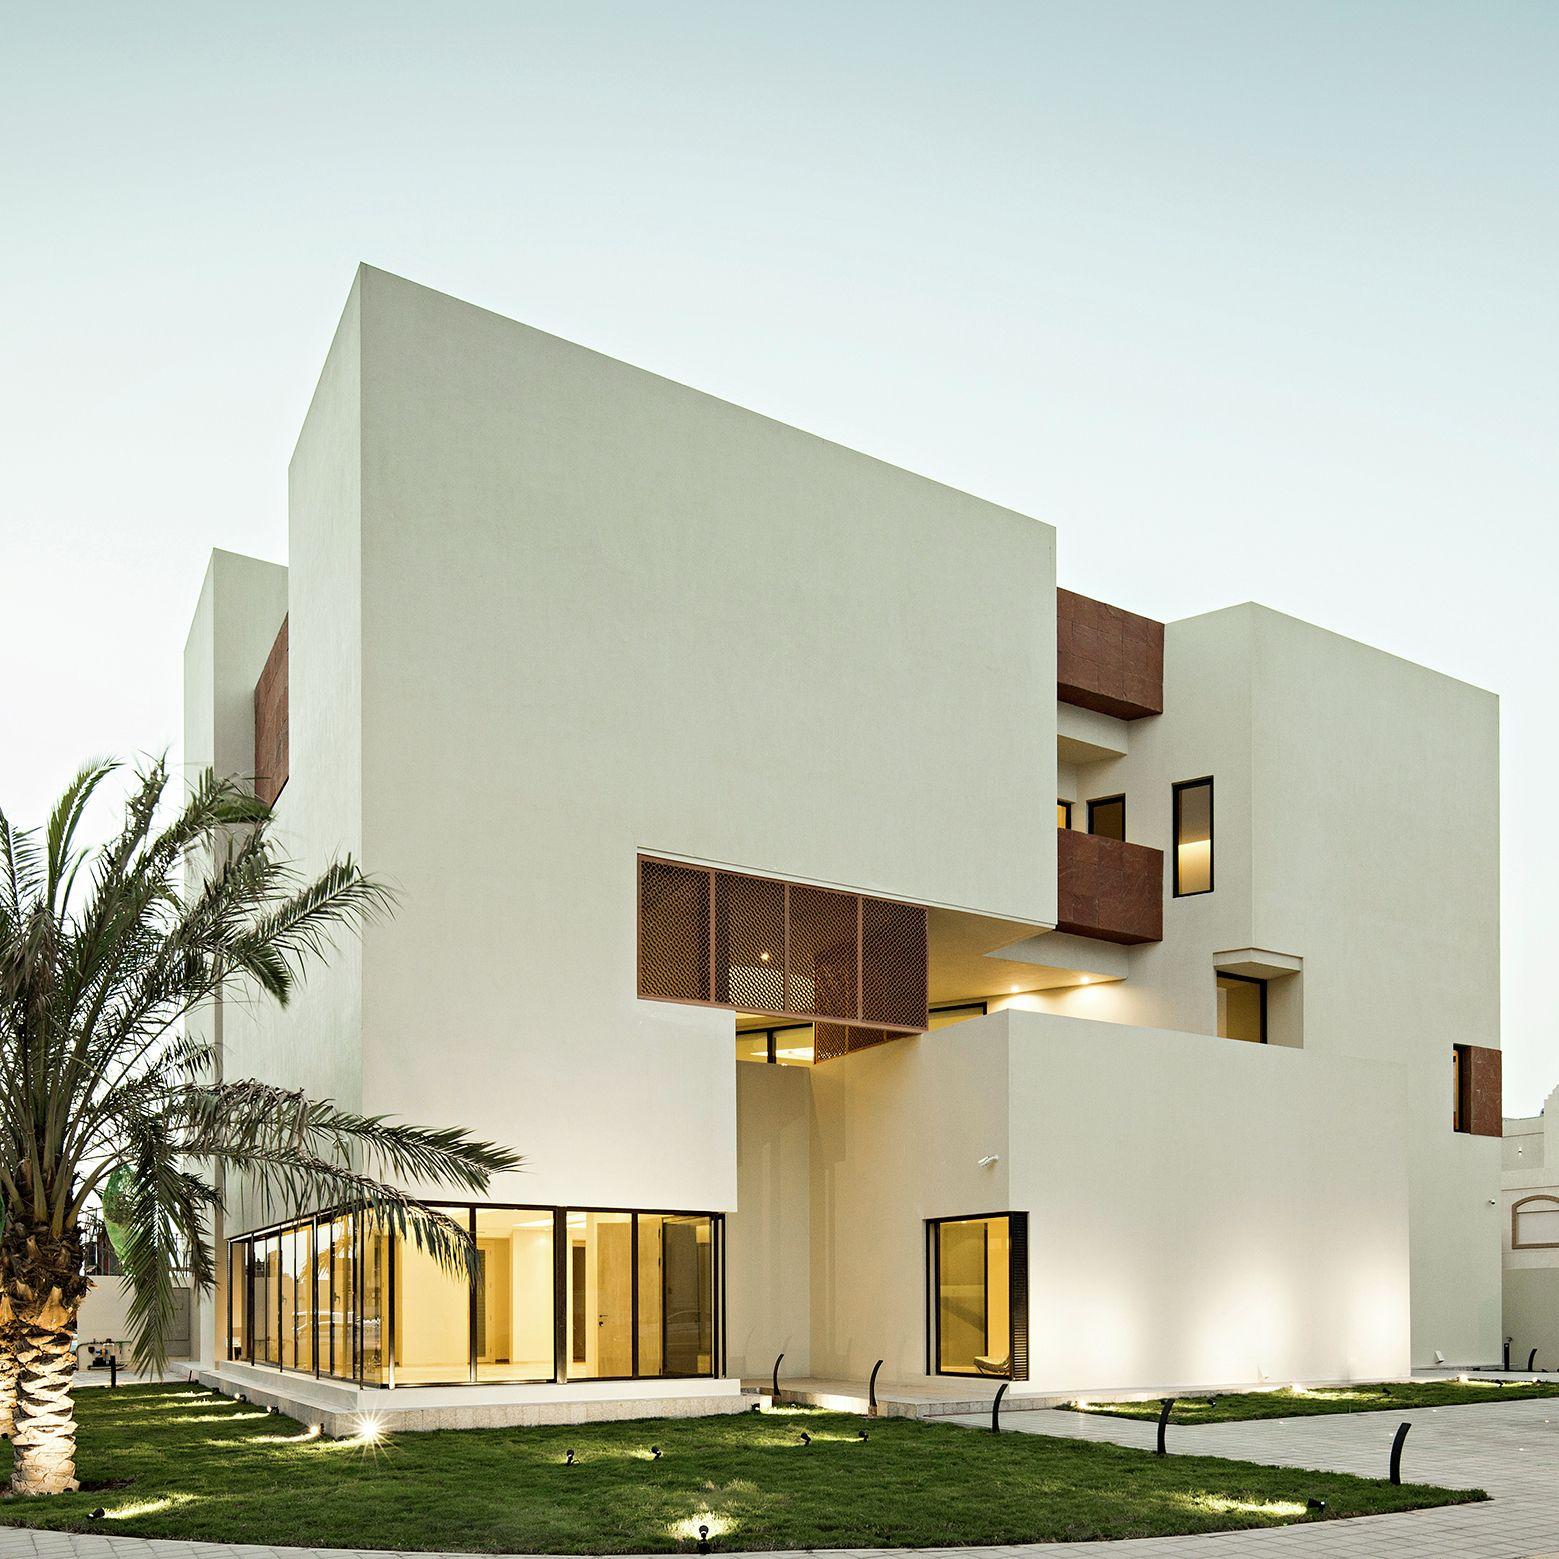 Modern Box House Design: Box House II / Massive Order